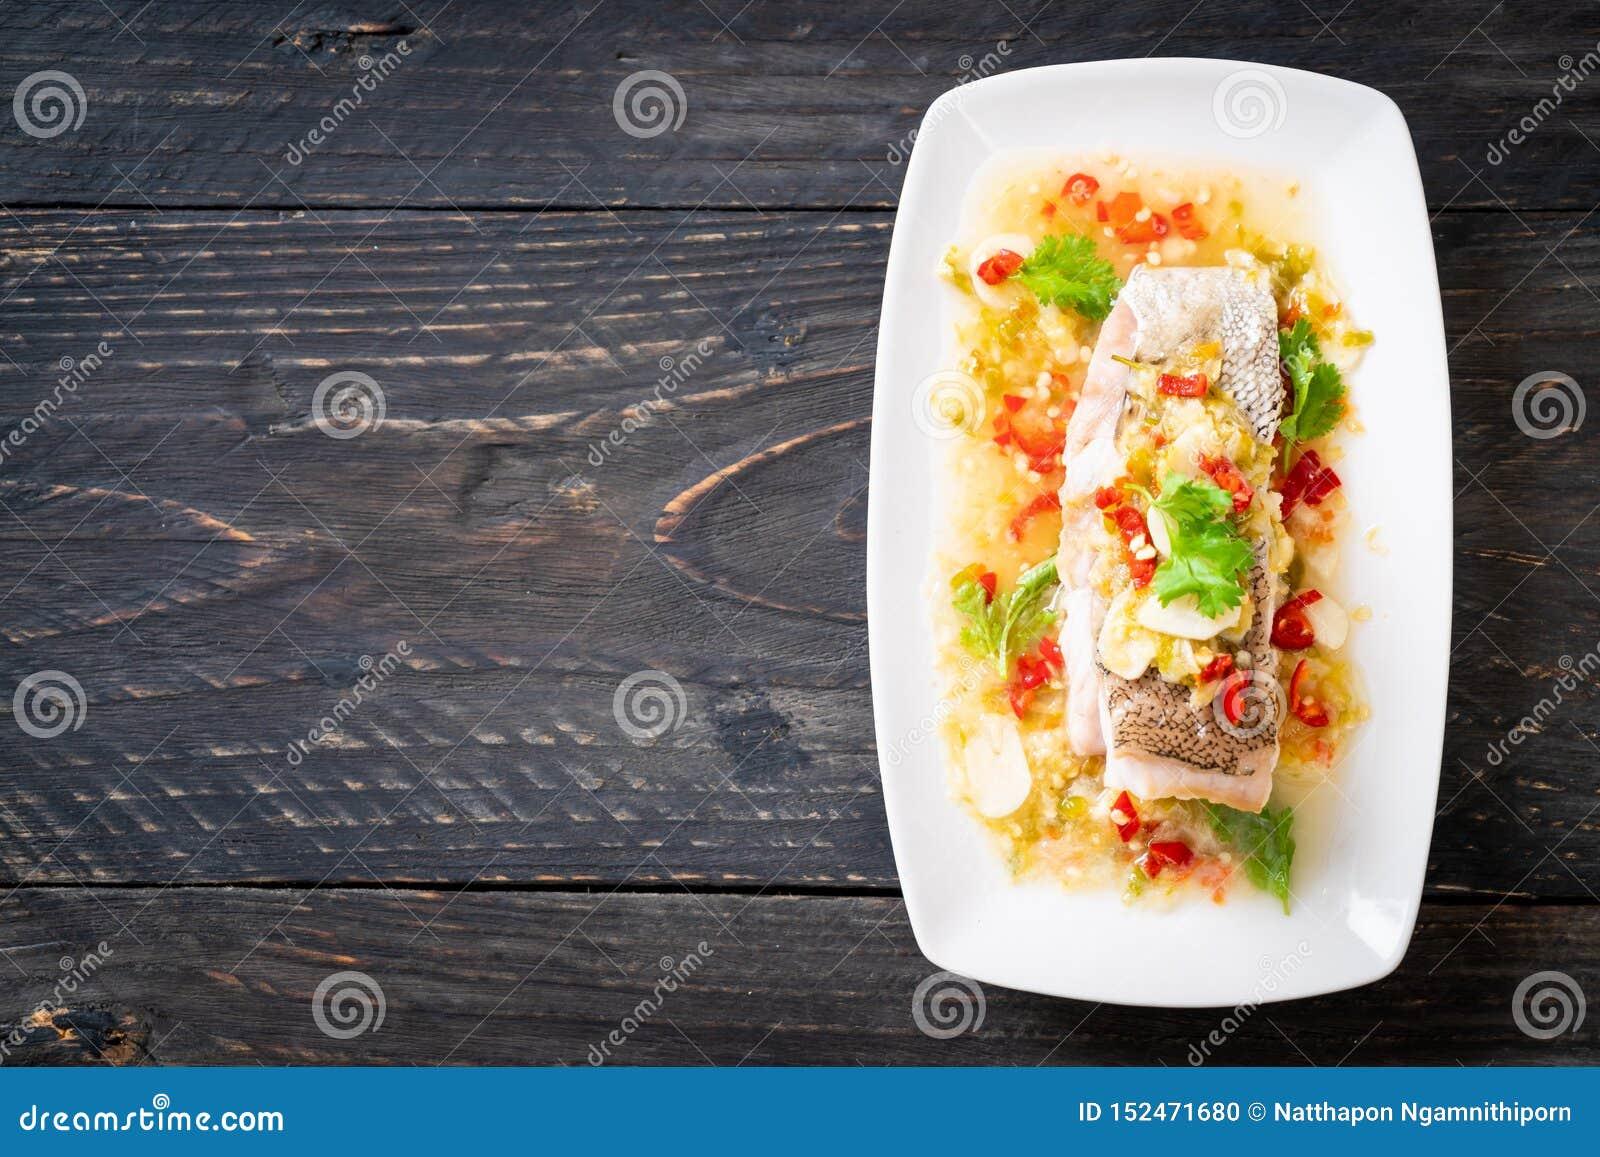 Faixa de peixes cozinhada da garoupa com Chili Lime Sauce no molho do cal